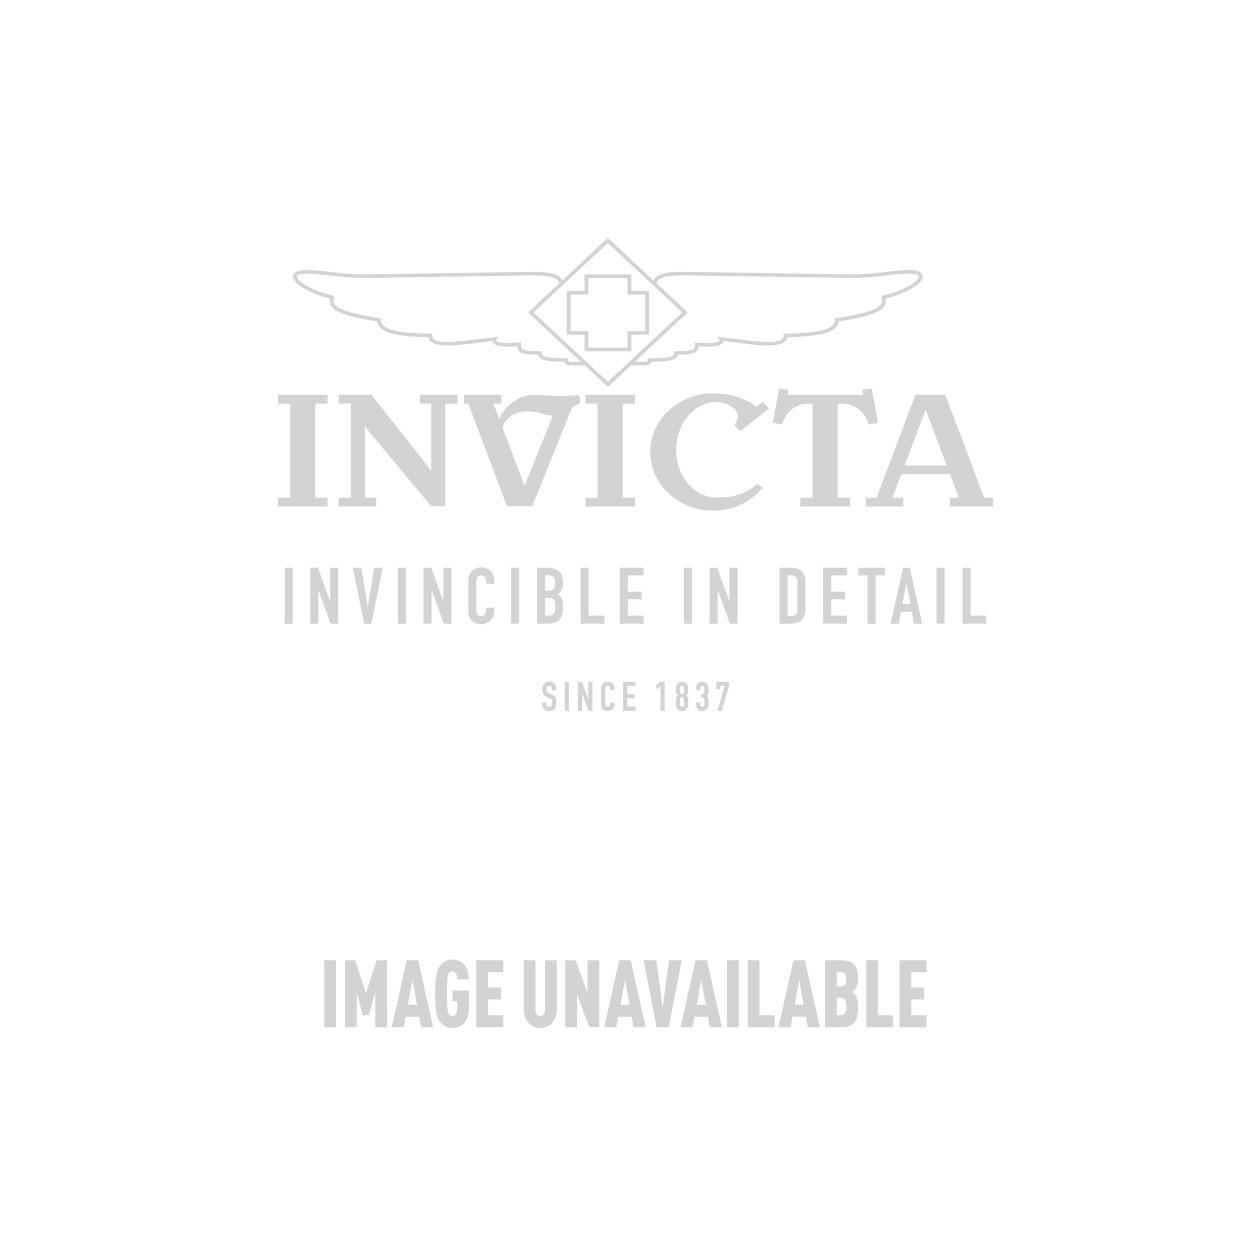 Invicta Model 28509